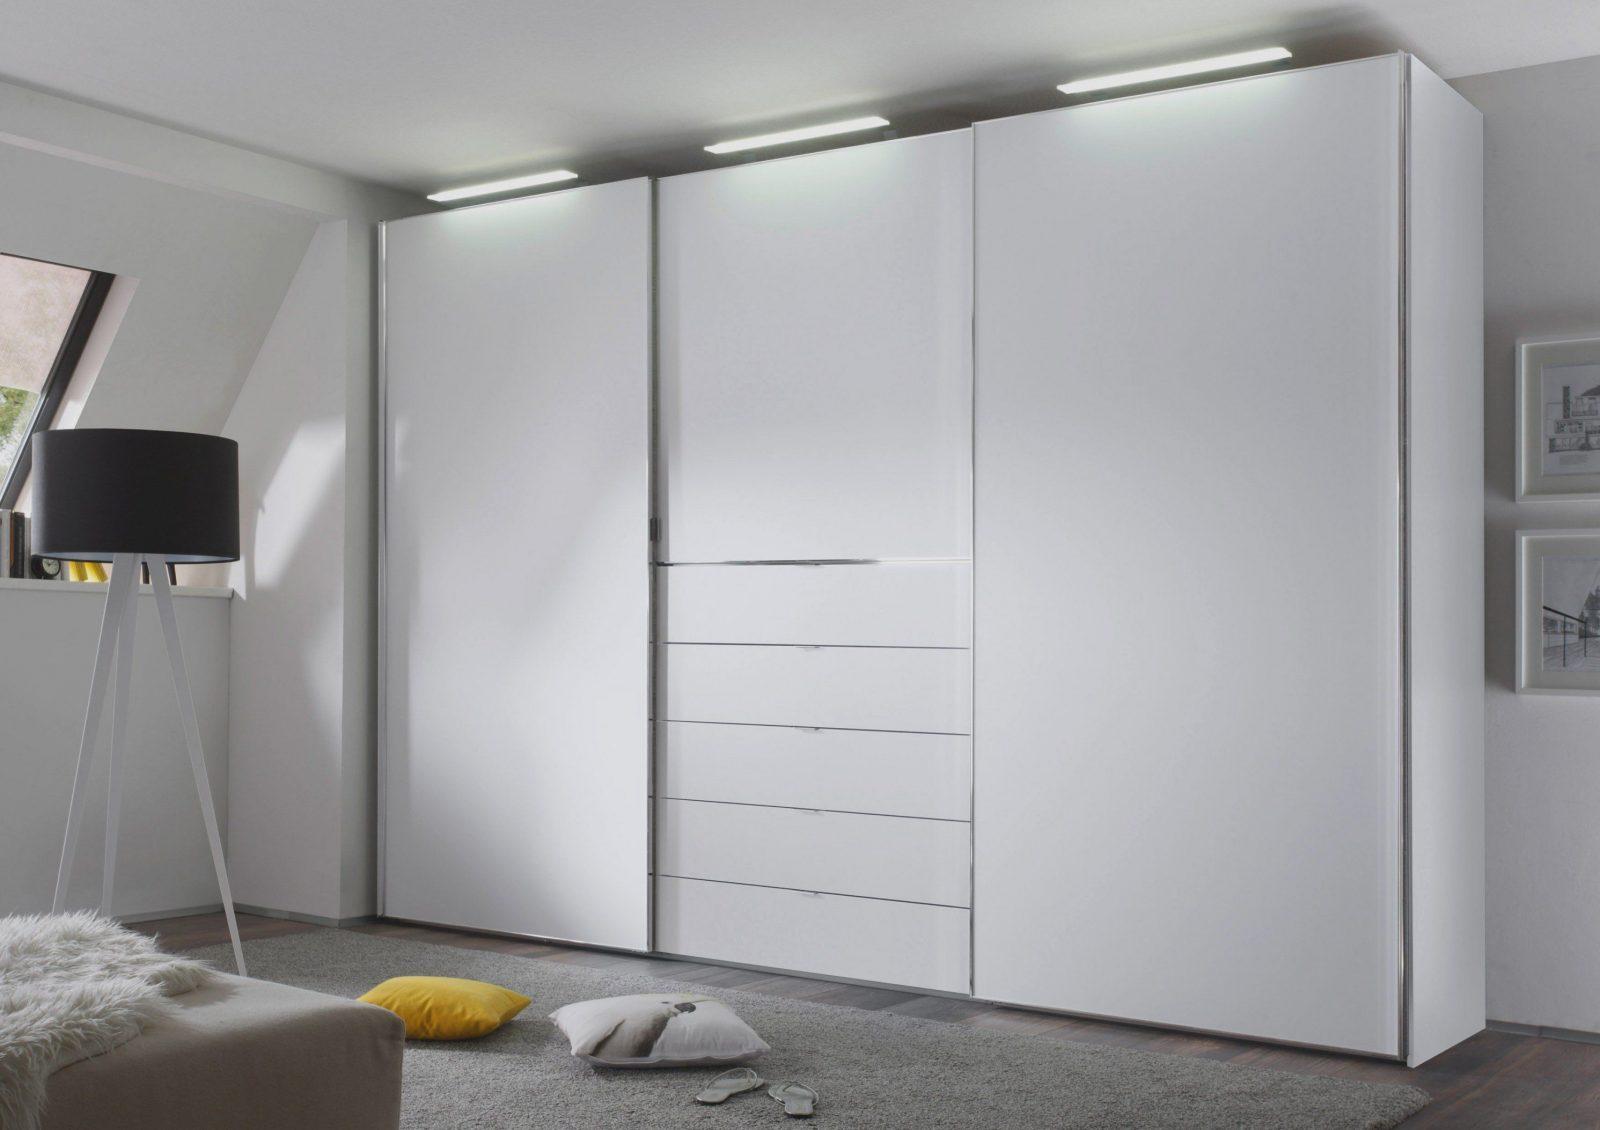 Staud Media Light Kleiderschrank Weiß  Möbel Letz  Ihr Onlineshop von Schlafzimmerschrank Mit Tv Fach Photo